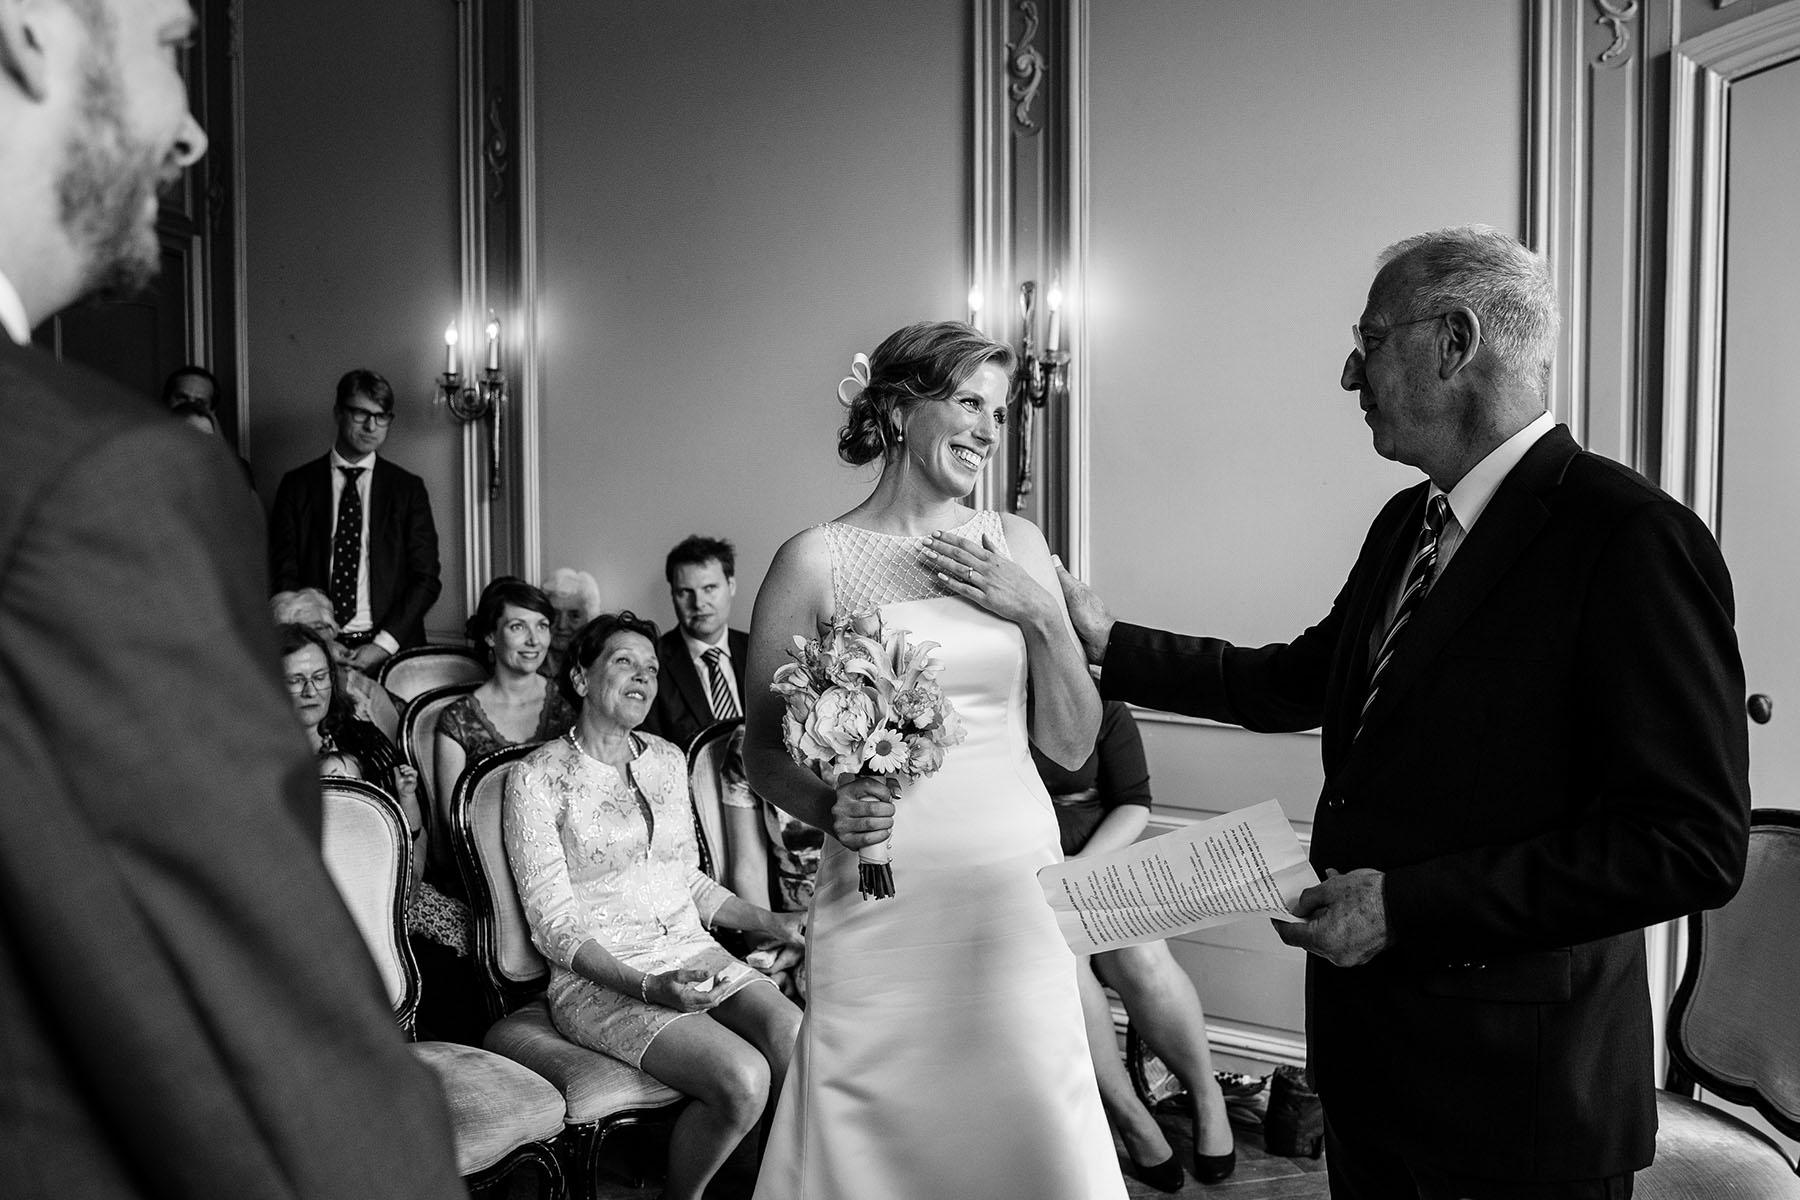 Vader van de bruid | Weggeefmoment | Emotionele trouwfoto